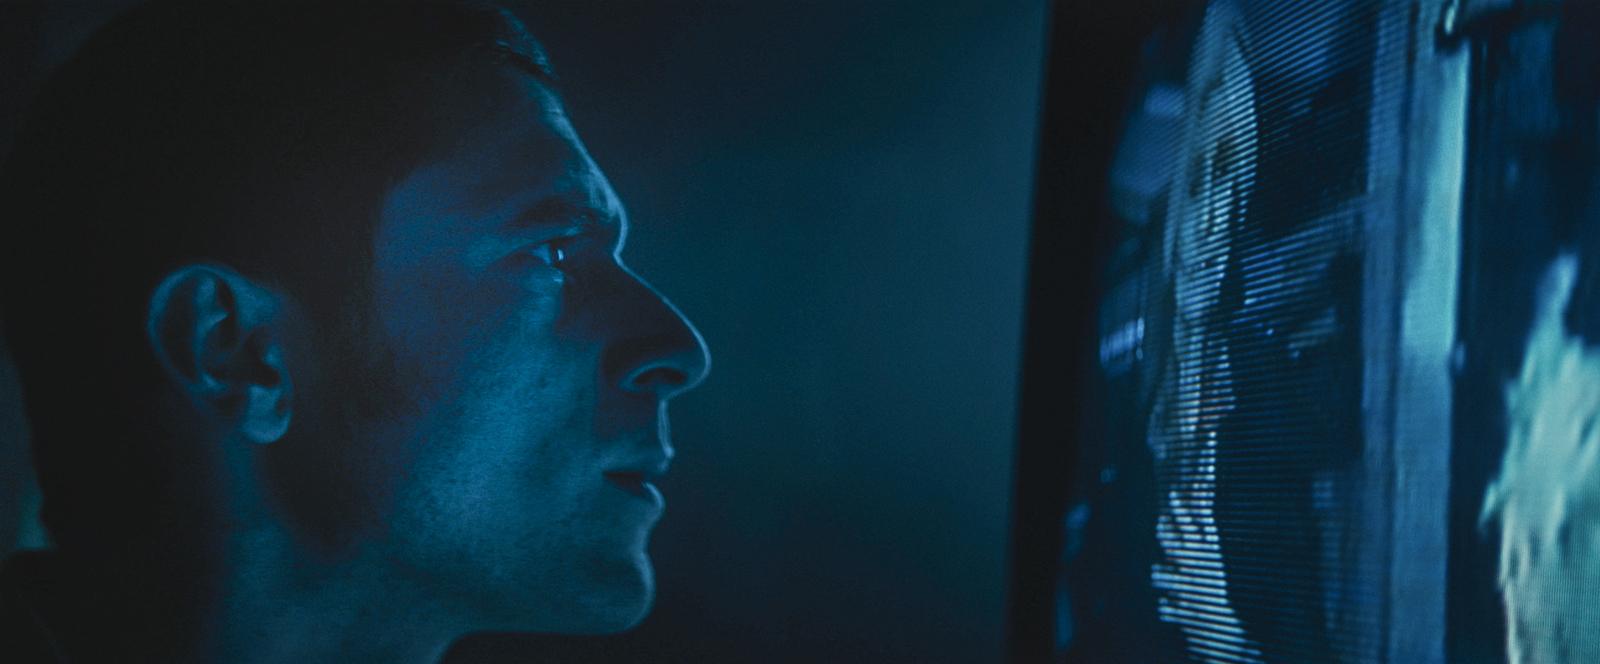 Critique / Avis film The Vigil : un premier film parfaitement maîtrisé et terrifiant